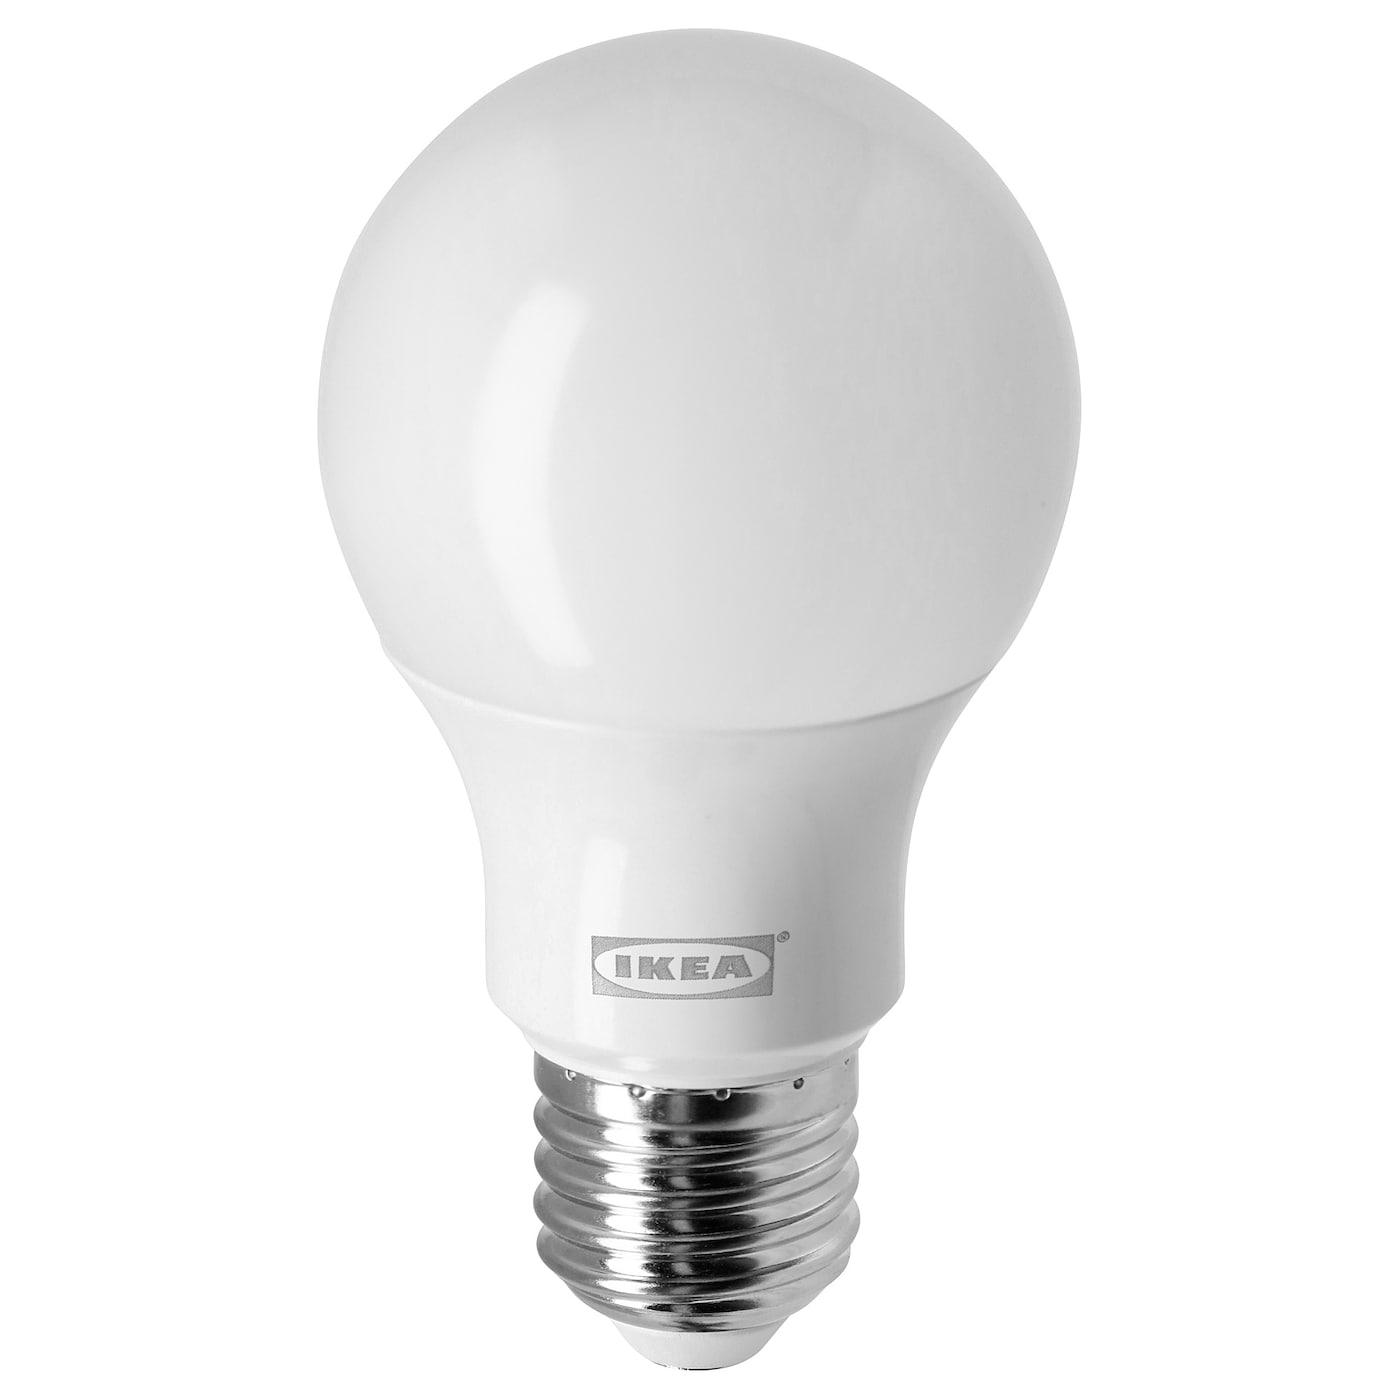 RYET Žárovka LED, E27, 470 lumenů, kulatá opálově bílá